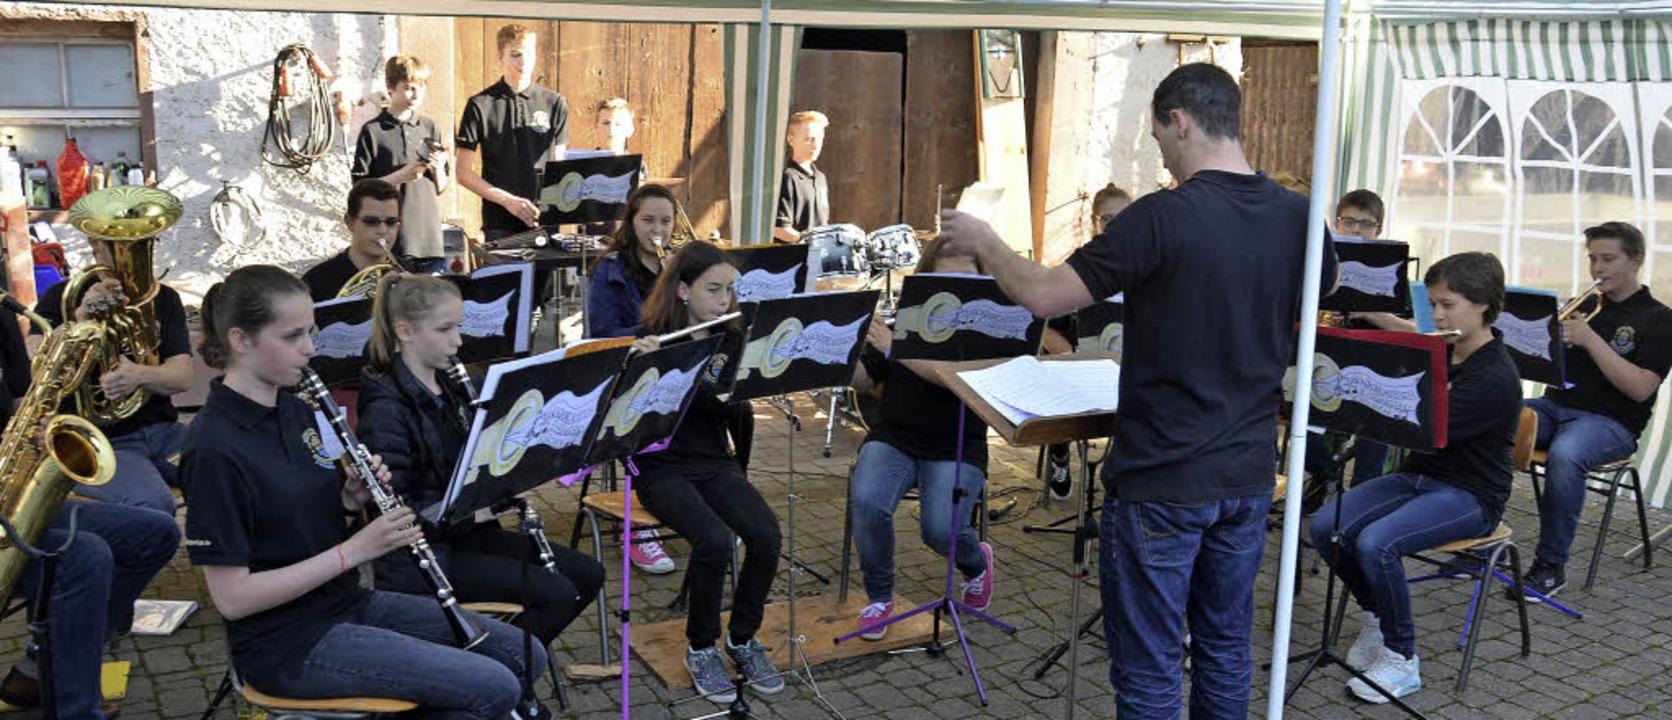 Platzkonzertpremiere des Jugendorchest...tmals unter freiem Himmel ihr Können.     Foto: Marco Schopferer